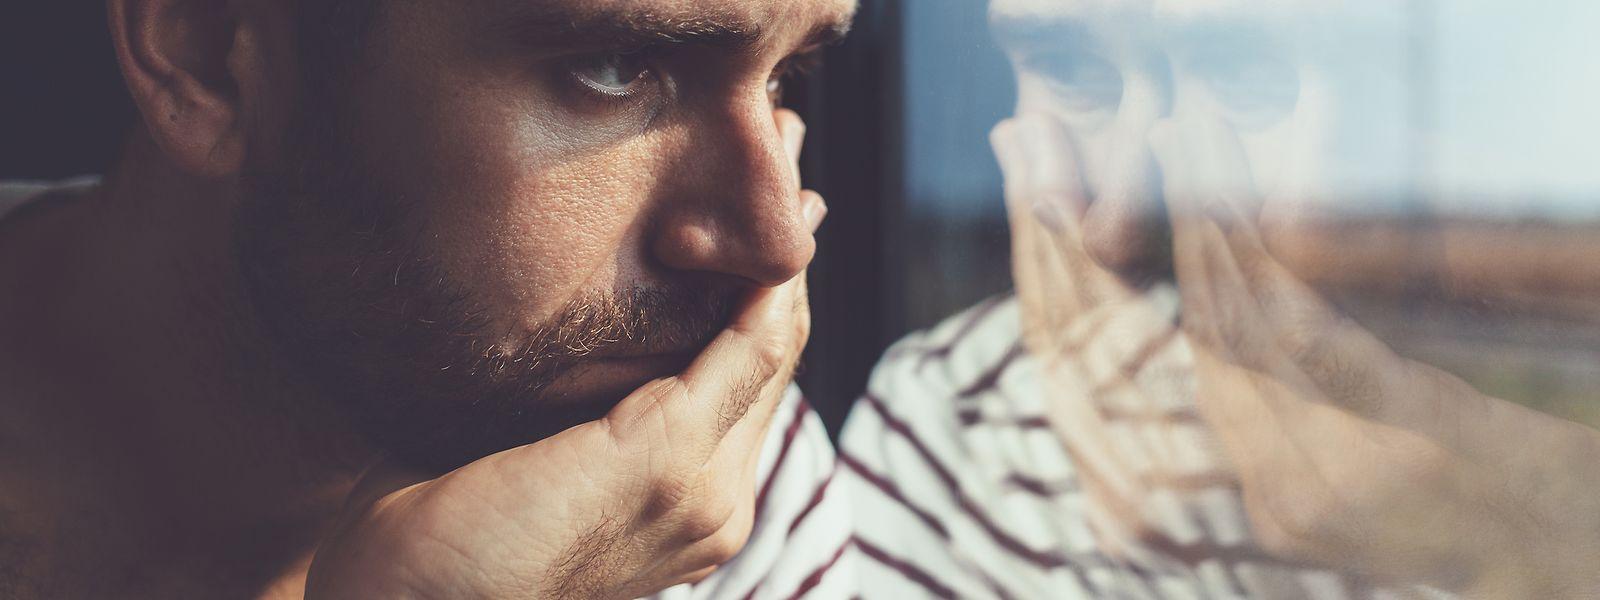 Drei Viertel der jungen Umfrageteilnehmer geben an, unter den Beschränkungen psychisch gelitten zu haben.